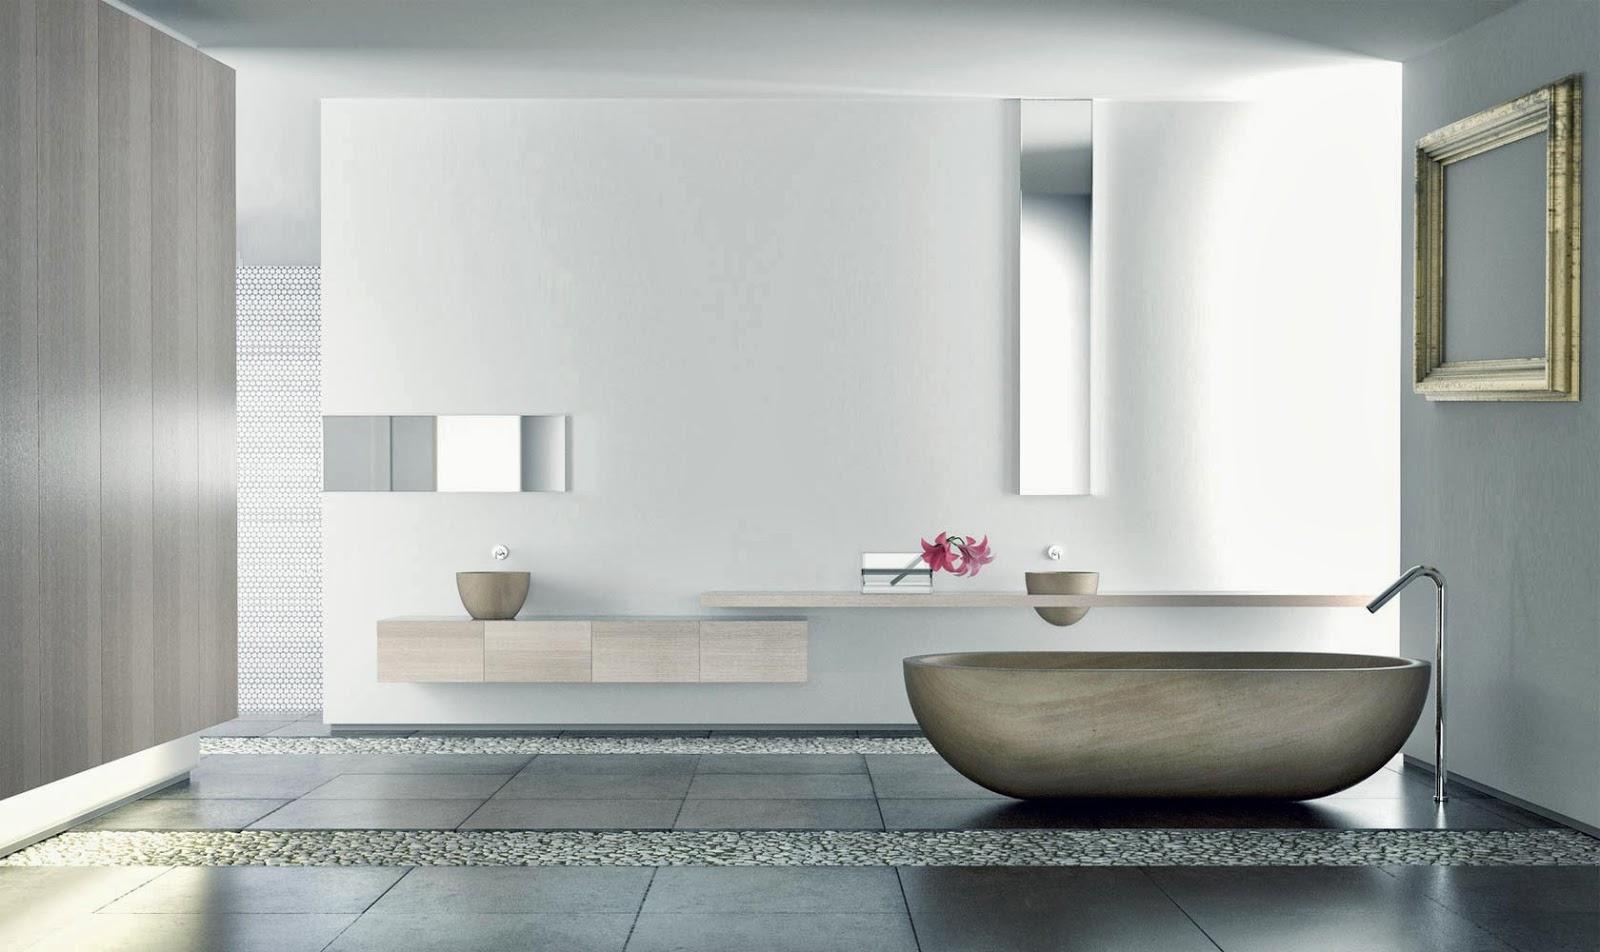 B gutier Interiorismo y Decoración: Cuartos de Baño